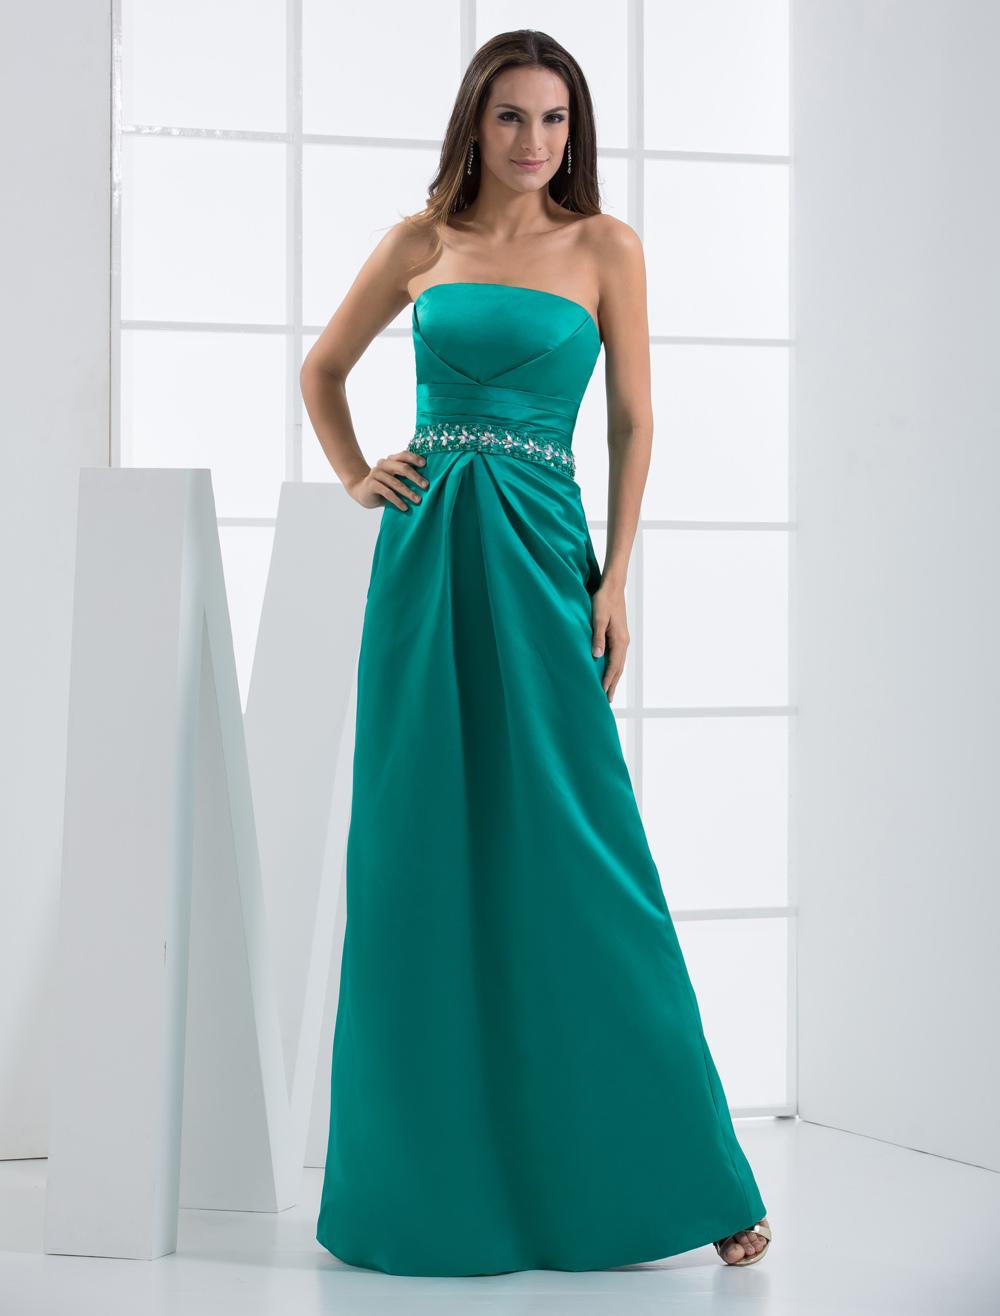 Strapless Evening Dress Blue Green Floor Length Satin Party Dress (Wedding Cheap Party Dress) photo